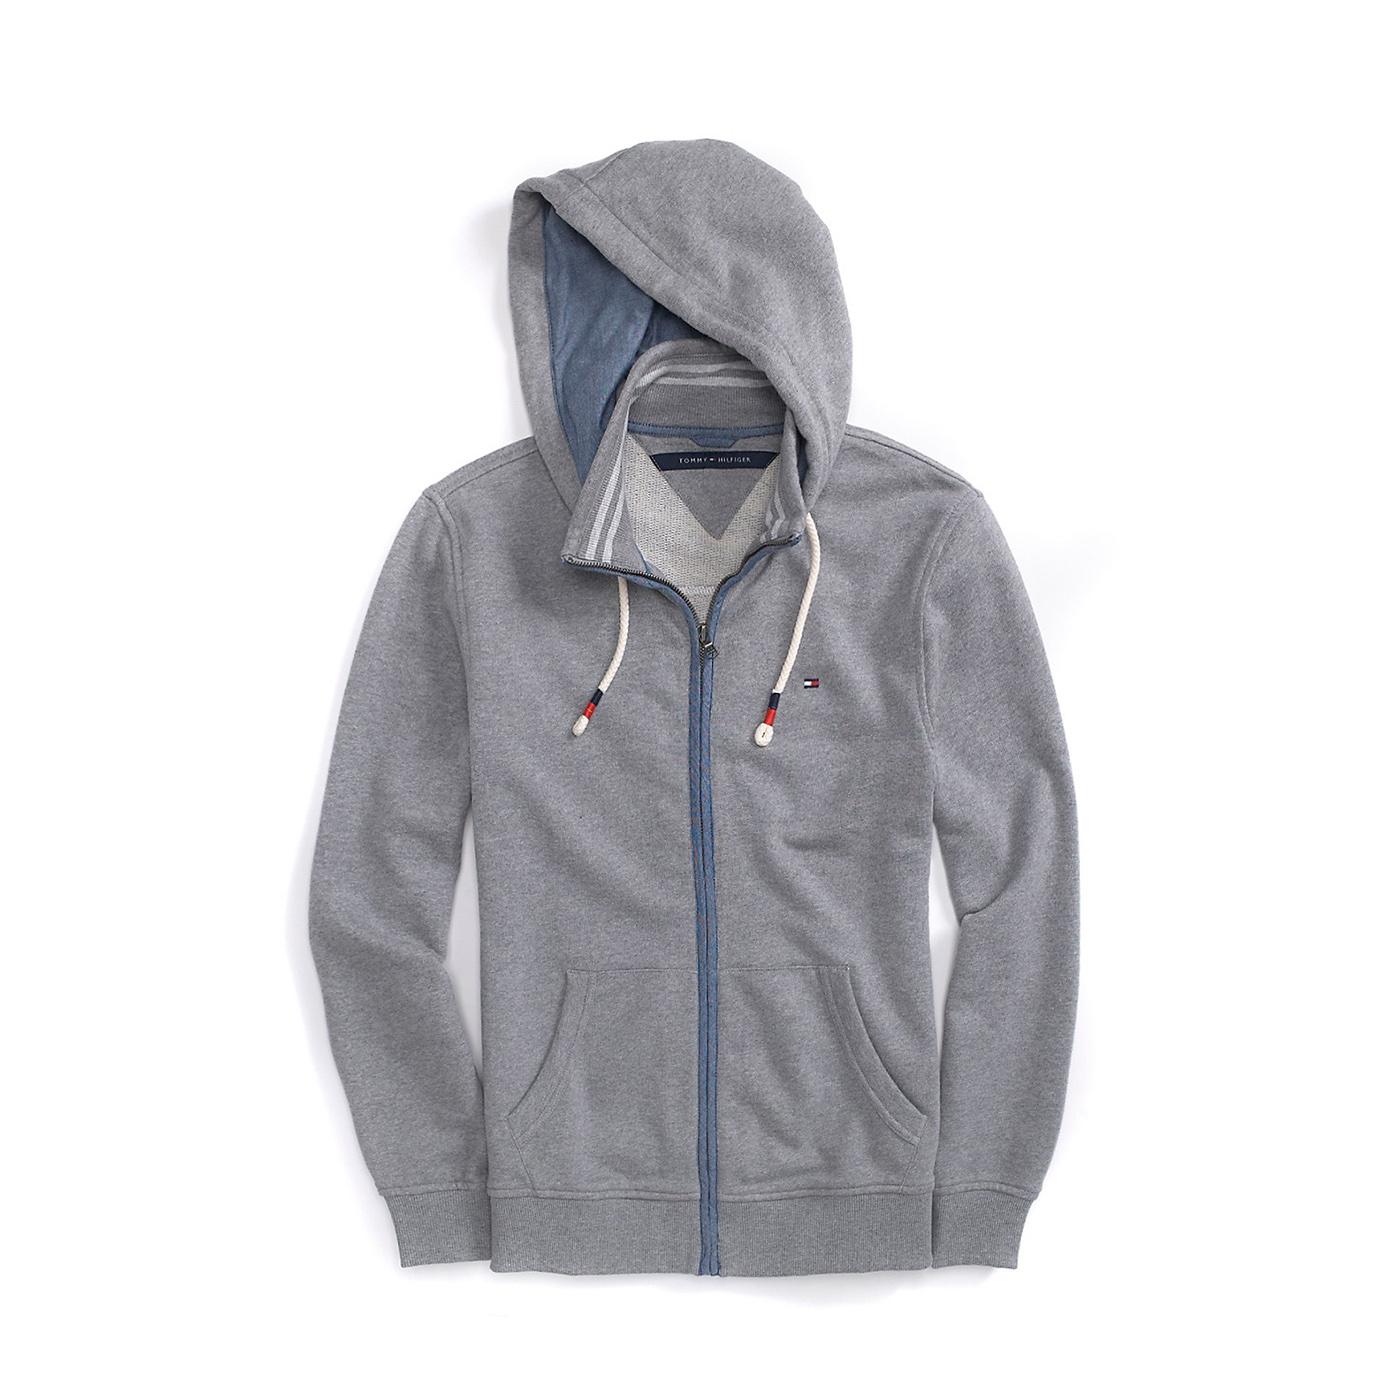 美國百分百【全新真品】Tommy Hilfiger 外套 TH 連帽 夾克 帽T 輕薄 立領 S號 灰色 F476